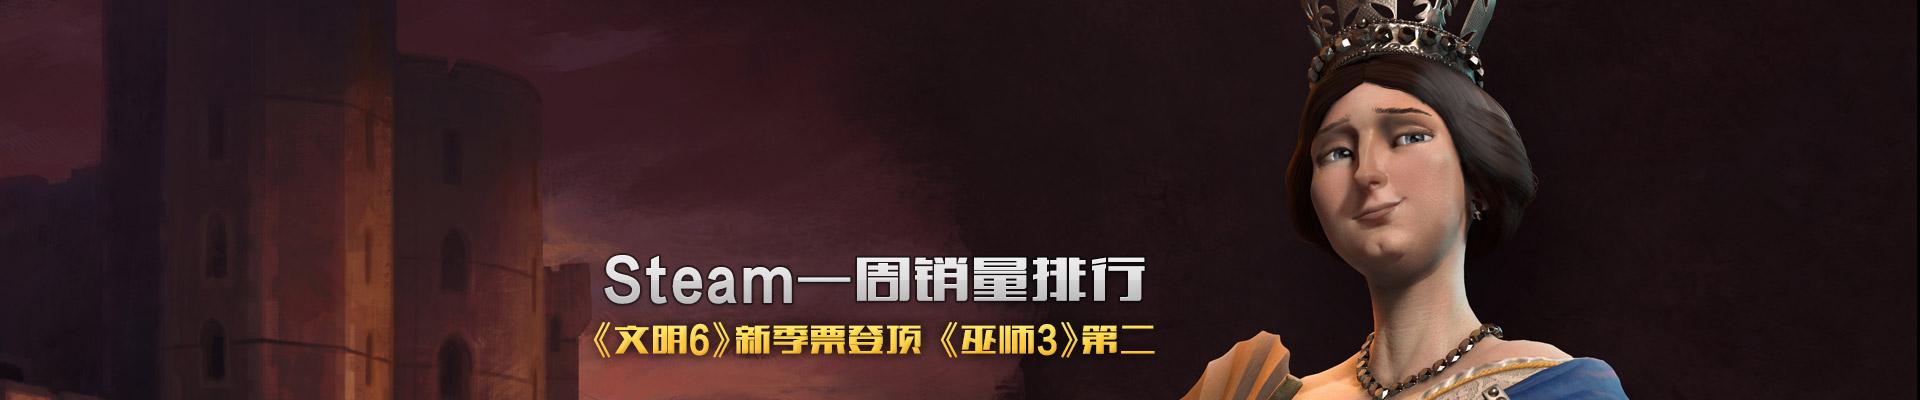 Steam周销量排行榜:《文明6》新季票登顶 《巫师3》第二